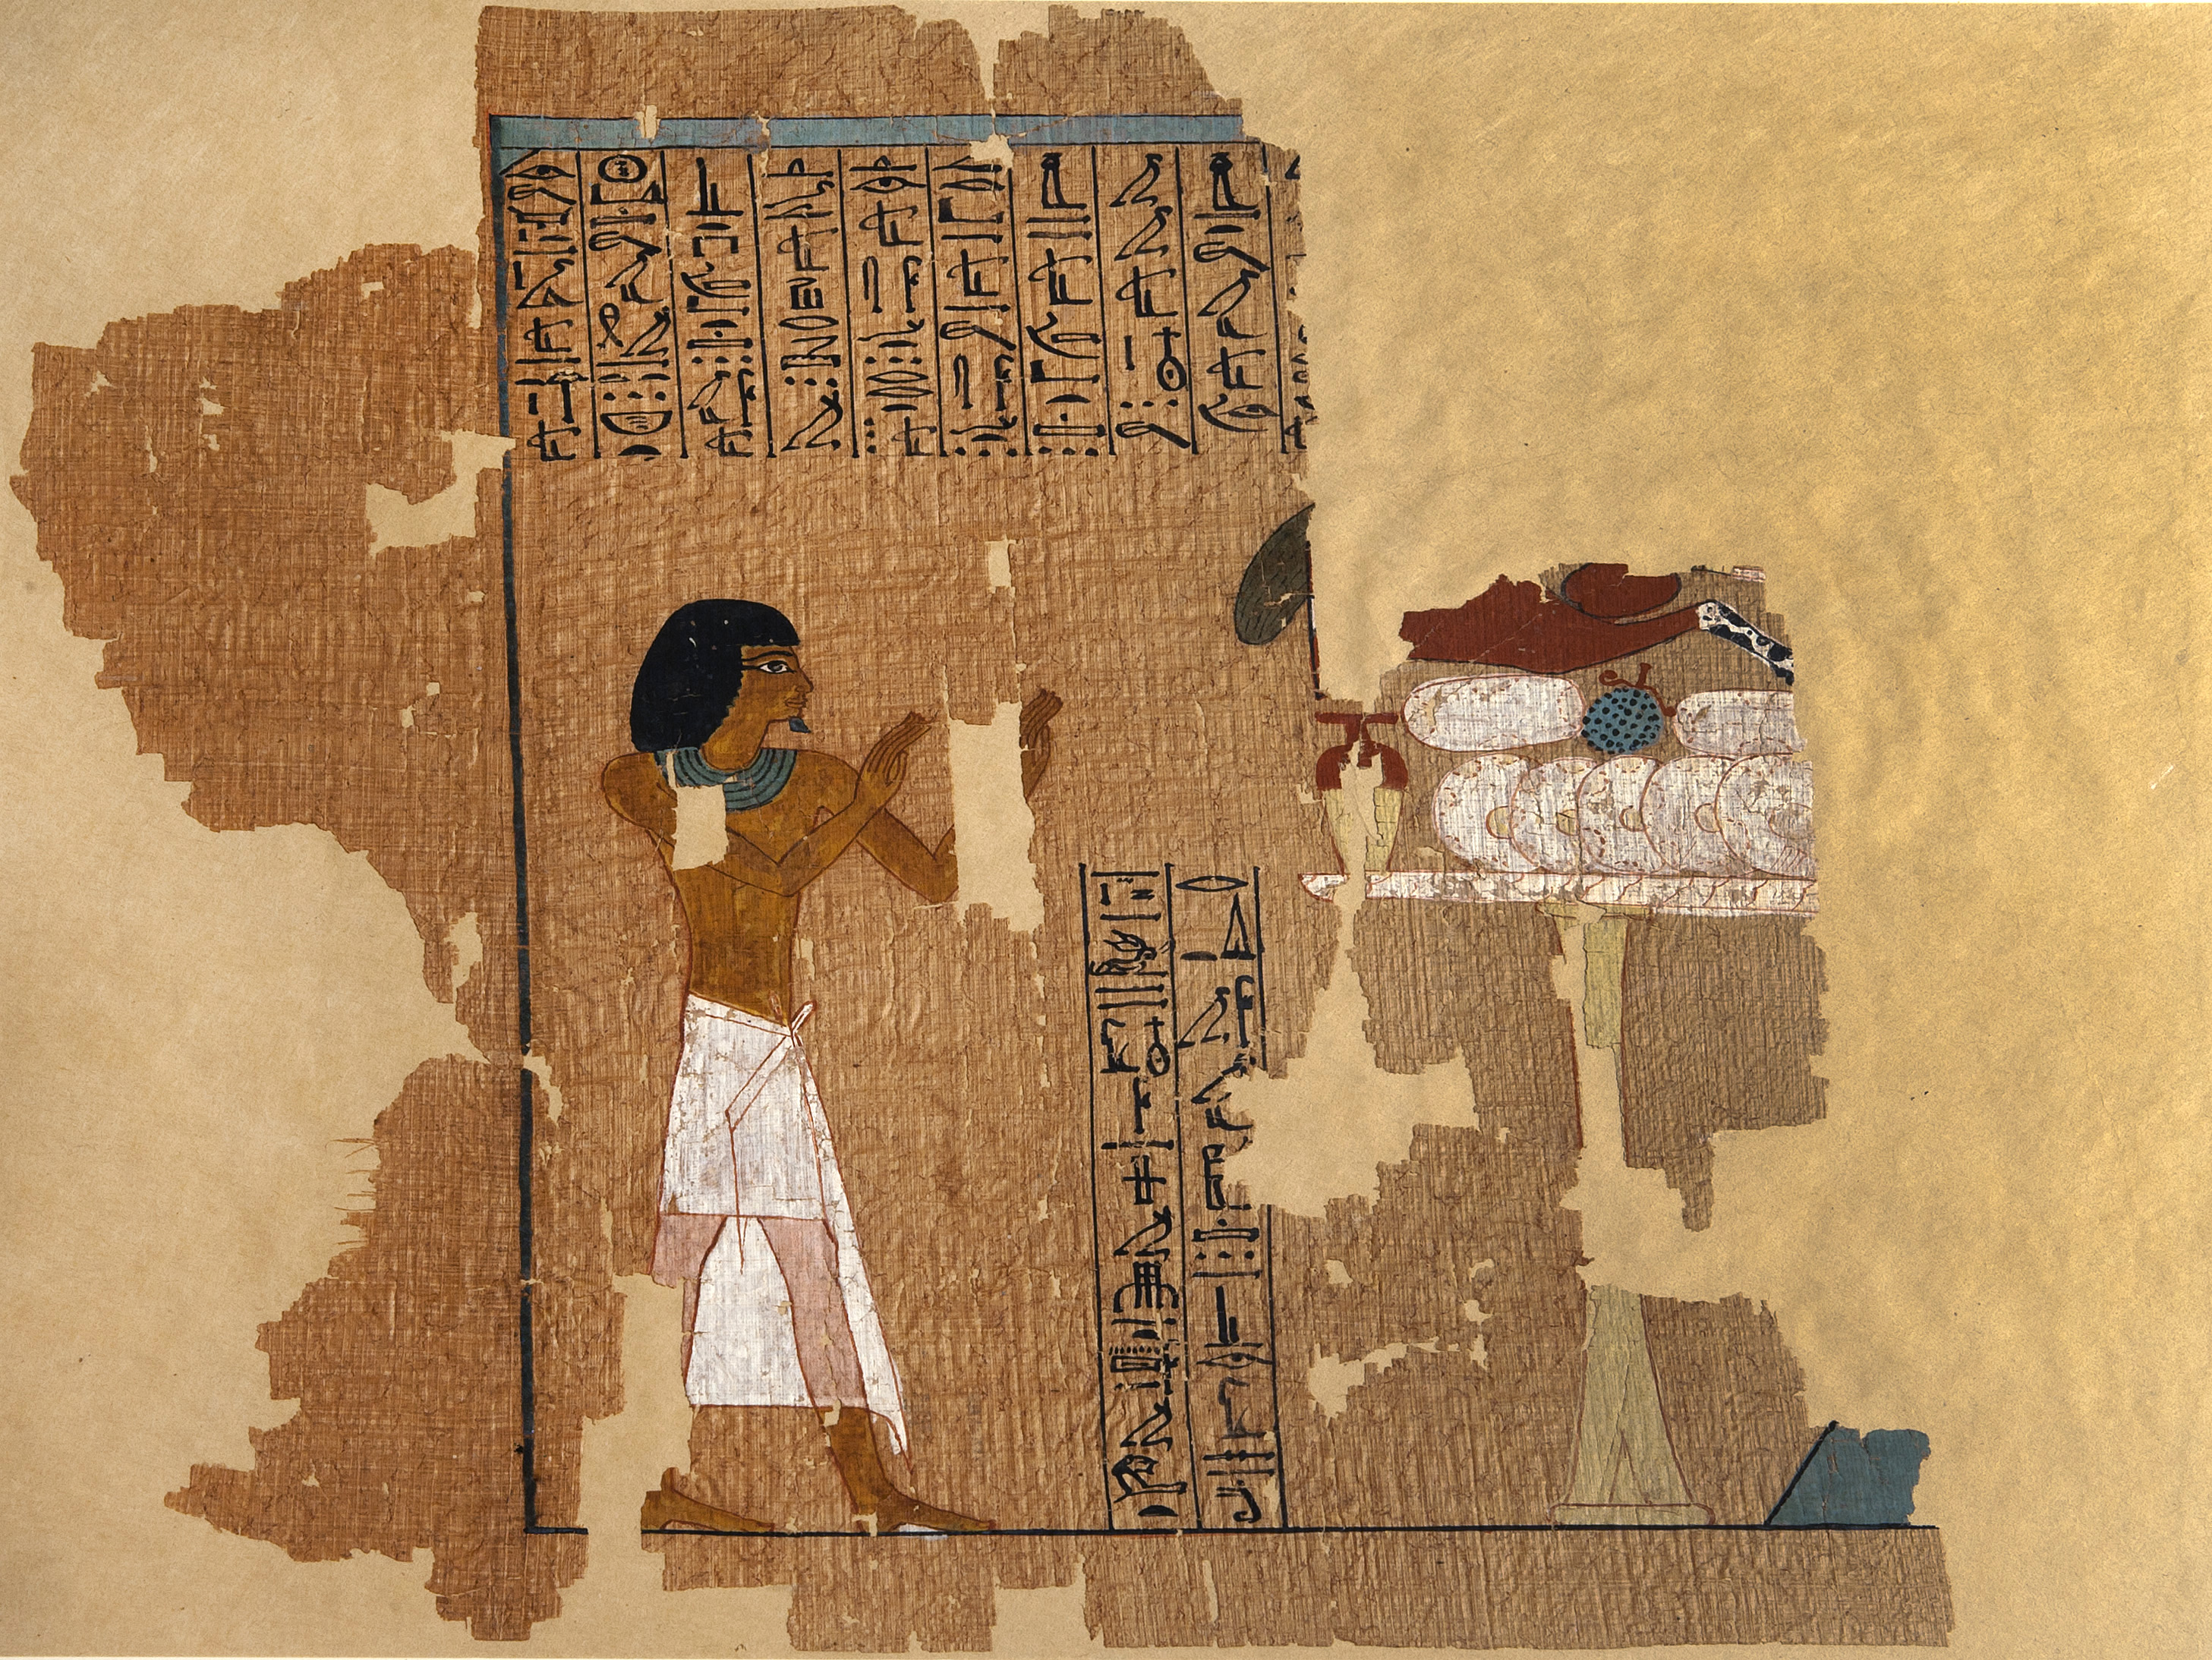 Totenbuchpapyrus des Amenemhat. Sammlung Thomas Liepsner. Wohl aus Theben. Neues Reich, 18. Dynastie, 1435-1400 v. Chr. Papyrus, beschriftet und bemalt; L. ca. 9 m. Der fast 9 Meter lange Papyrus ist eine der frühsten bekannten ägyptischen Totenbuchtexte. Er ist mit zahlreichen farbigen Vignetten von hoher Qualität illustriert. Copyright rem, Foto: Jean Christen.